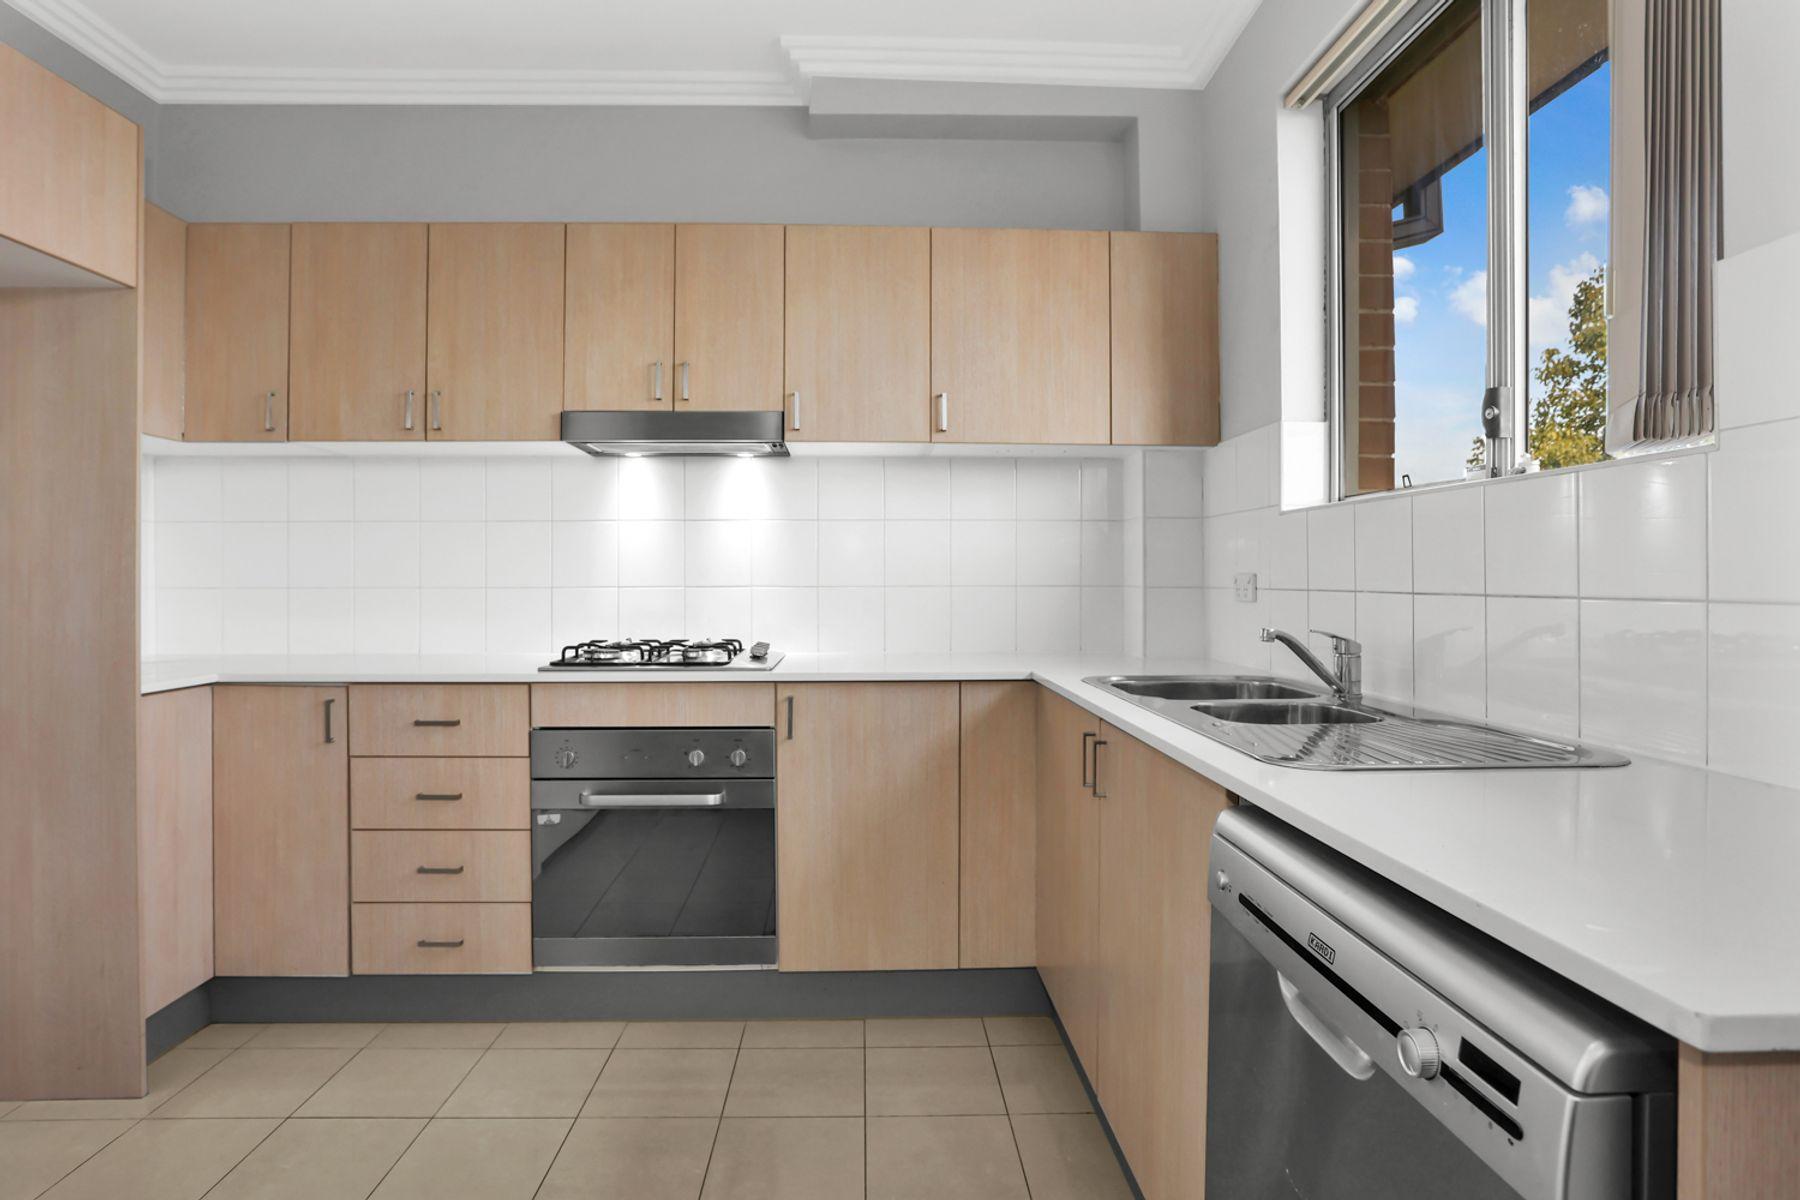 23/13-17 Regentville Road, Jamisontown, NSW 2750